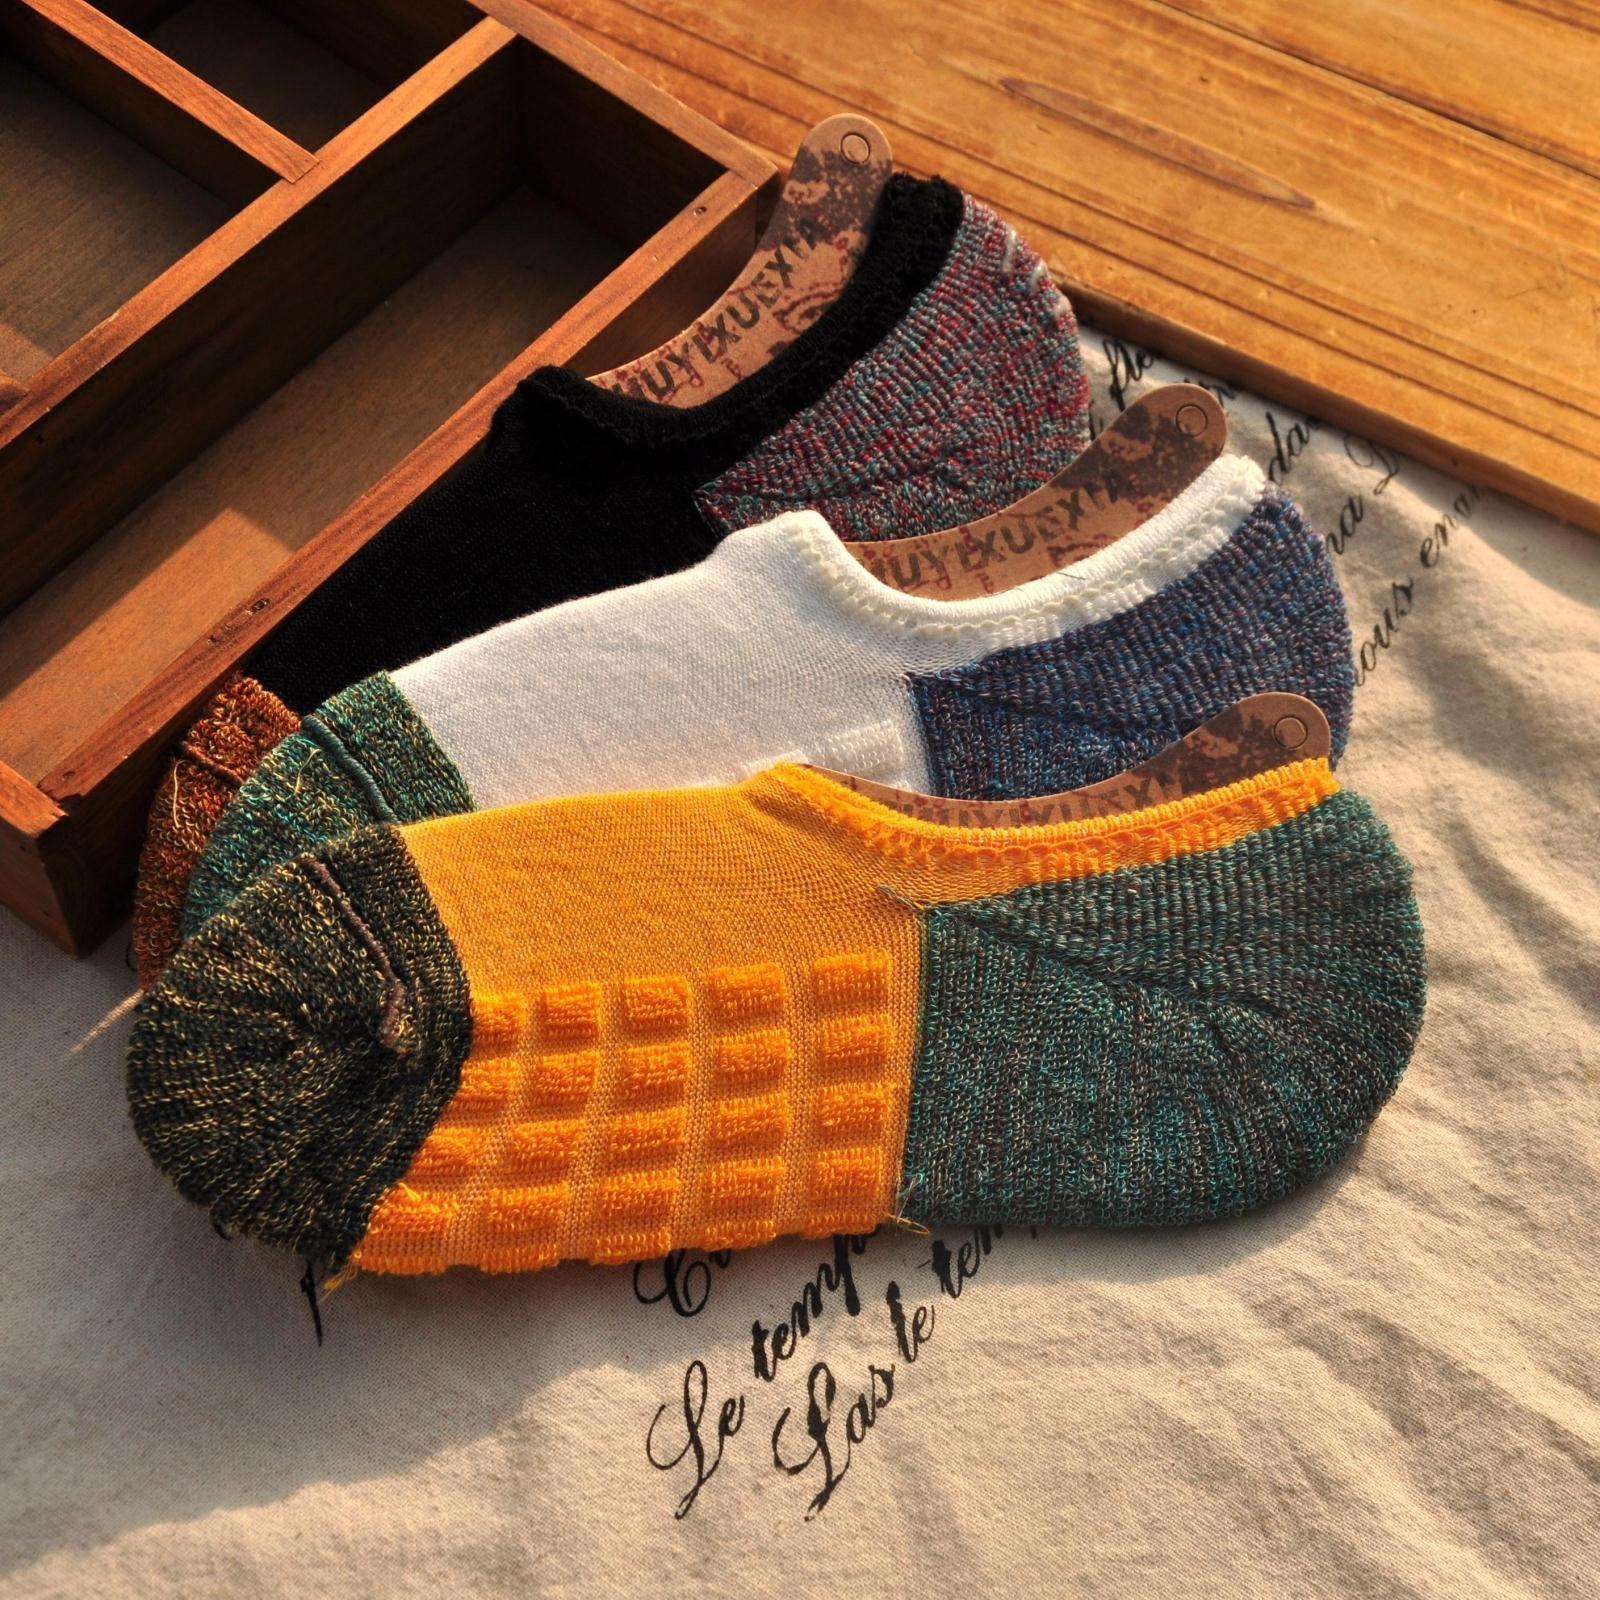 袜子男船袜短袜篮球运动硅胶防滑隐形加厚毛巾袜纯棉低帮潮ins潮图片